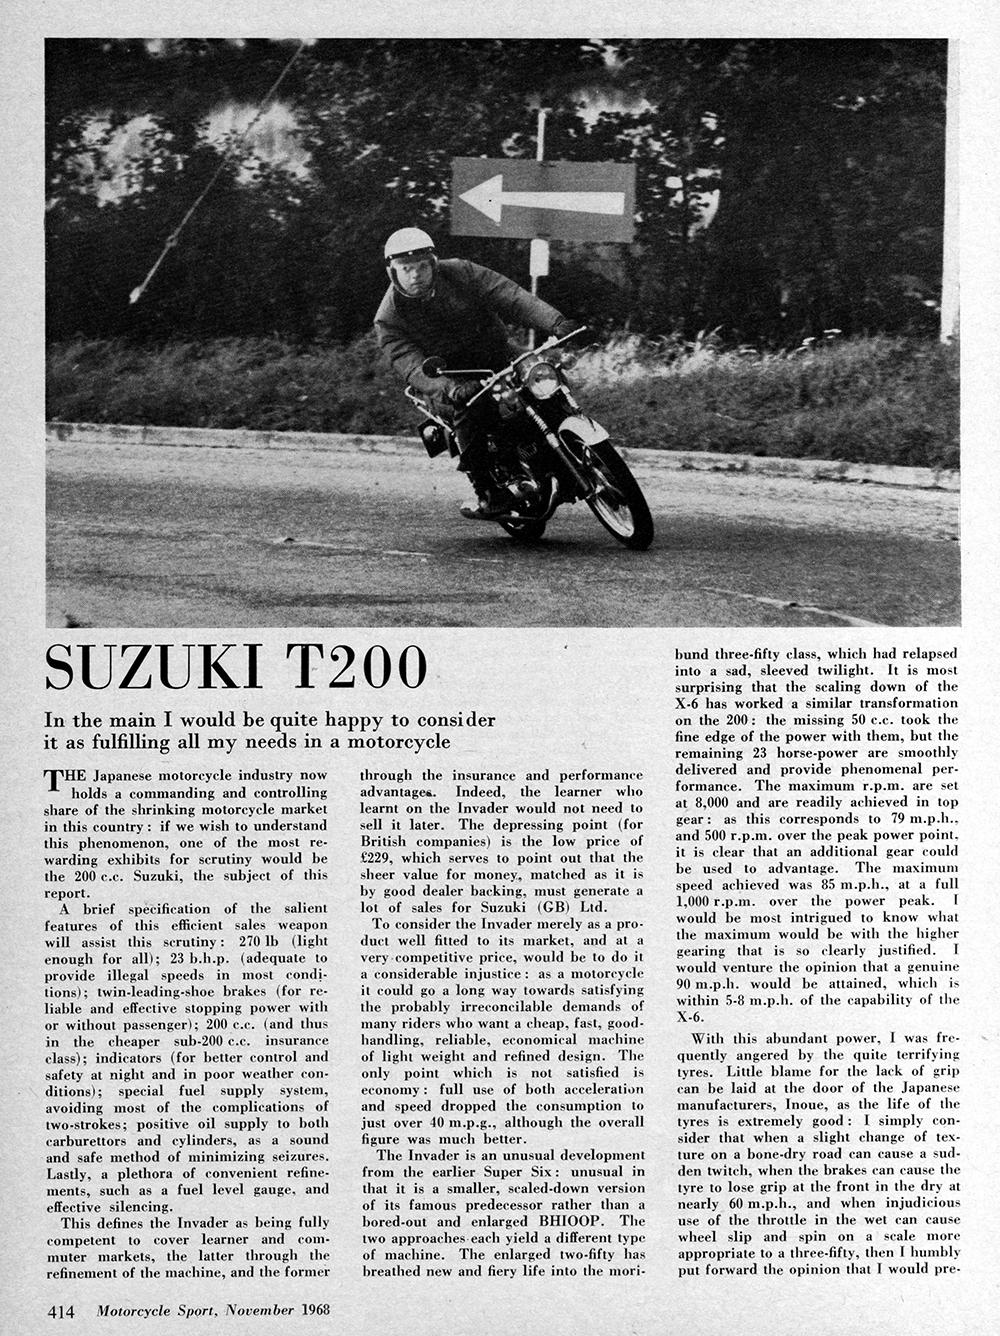 1969 Suzuki T200 road test 1.jpg